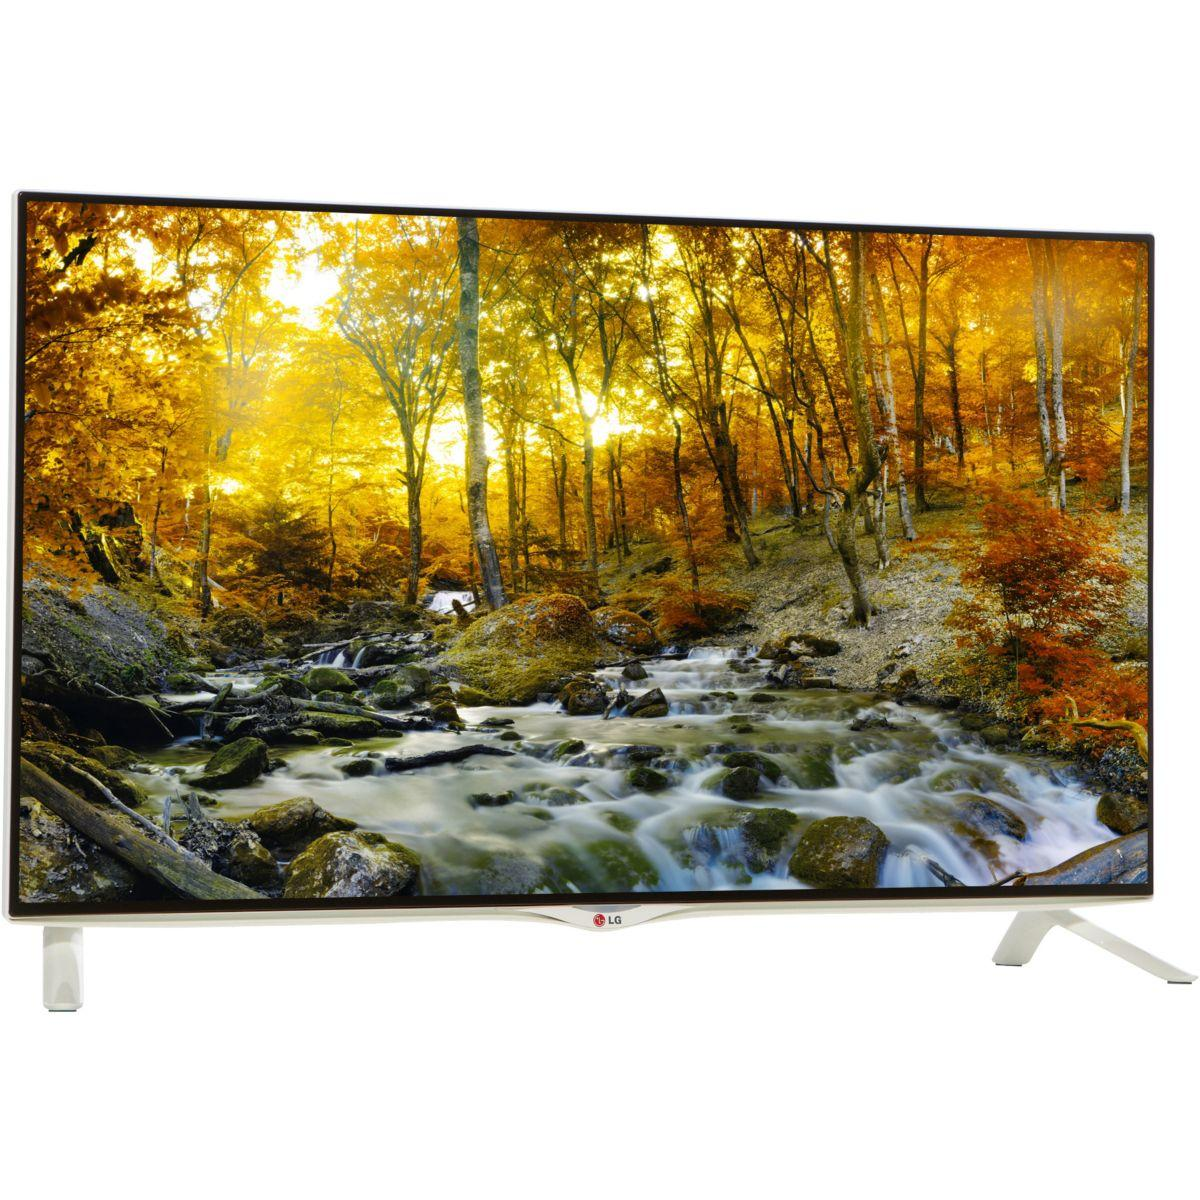 TV LG 40UB800V UHD 900Hz UCI